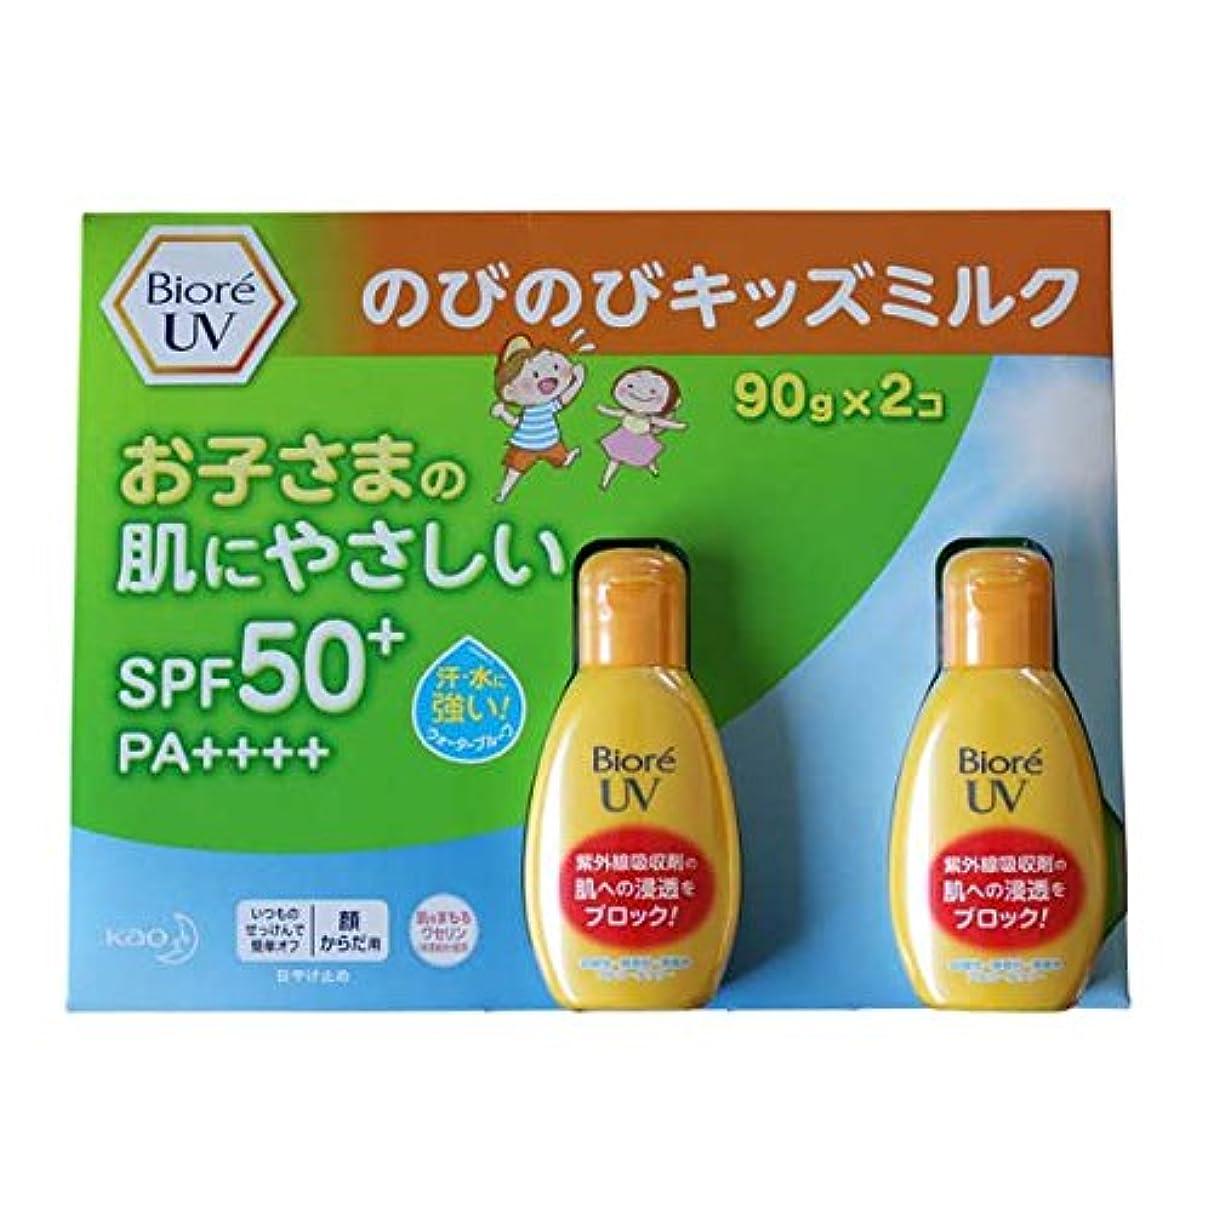 生き残りますシャッター多用途花王 ビオレ UV のびのびキッズミルク 日焼け止め乳液 SPF50+ PA++++ 90gx2本セット 強力紫外線カット